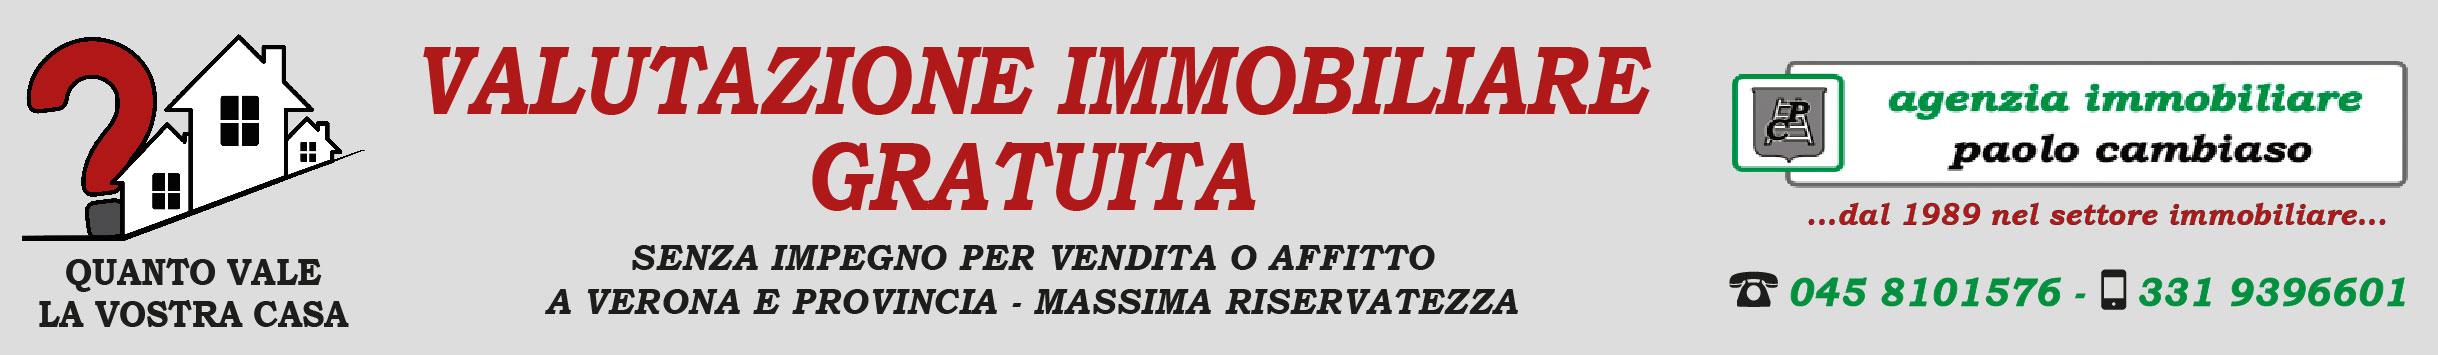 Agenzia Immobiliare Paolo Cambiaso